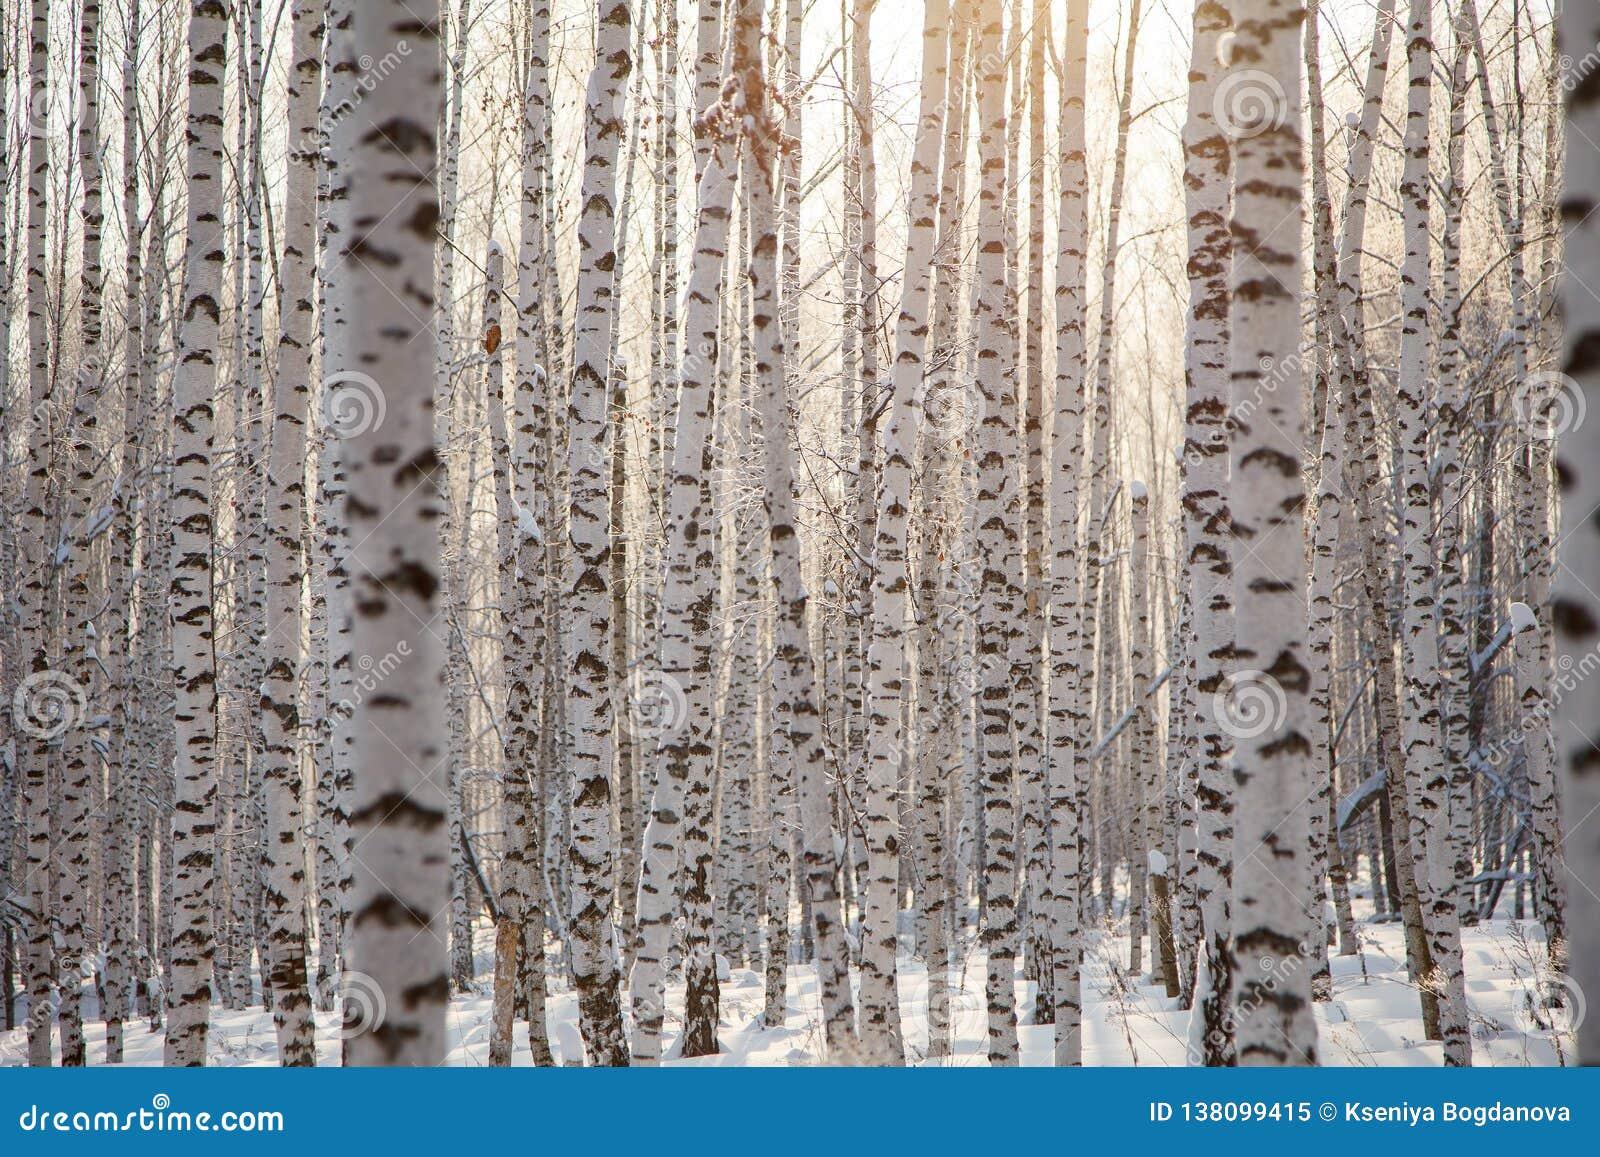 Картина/зима предпосылки много стволов дерева березы